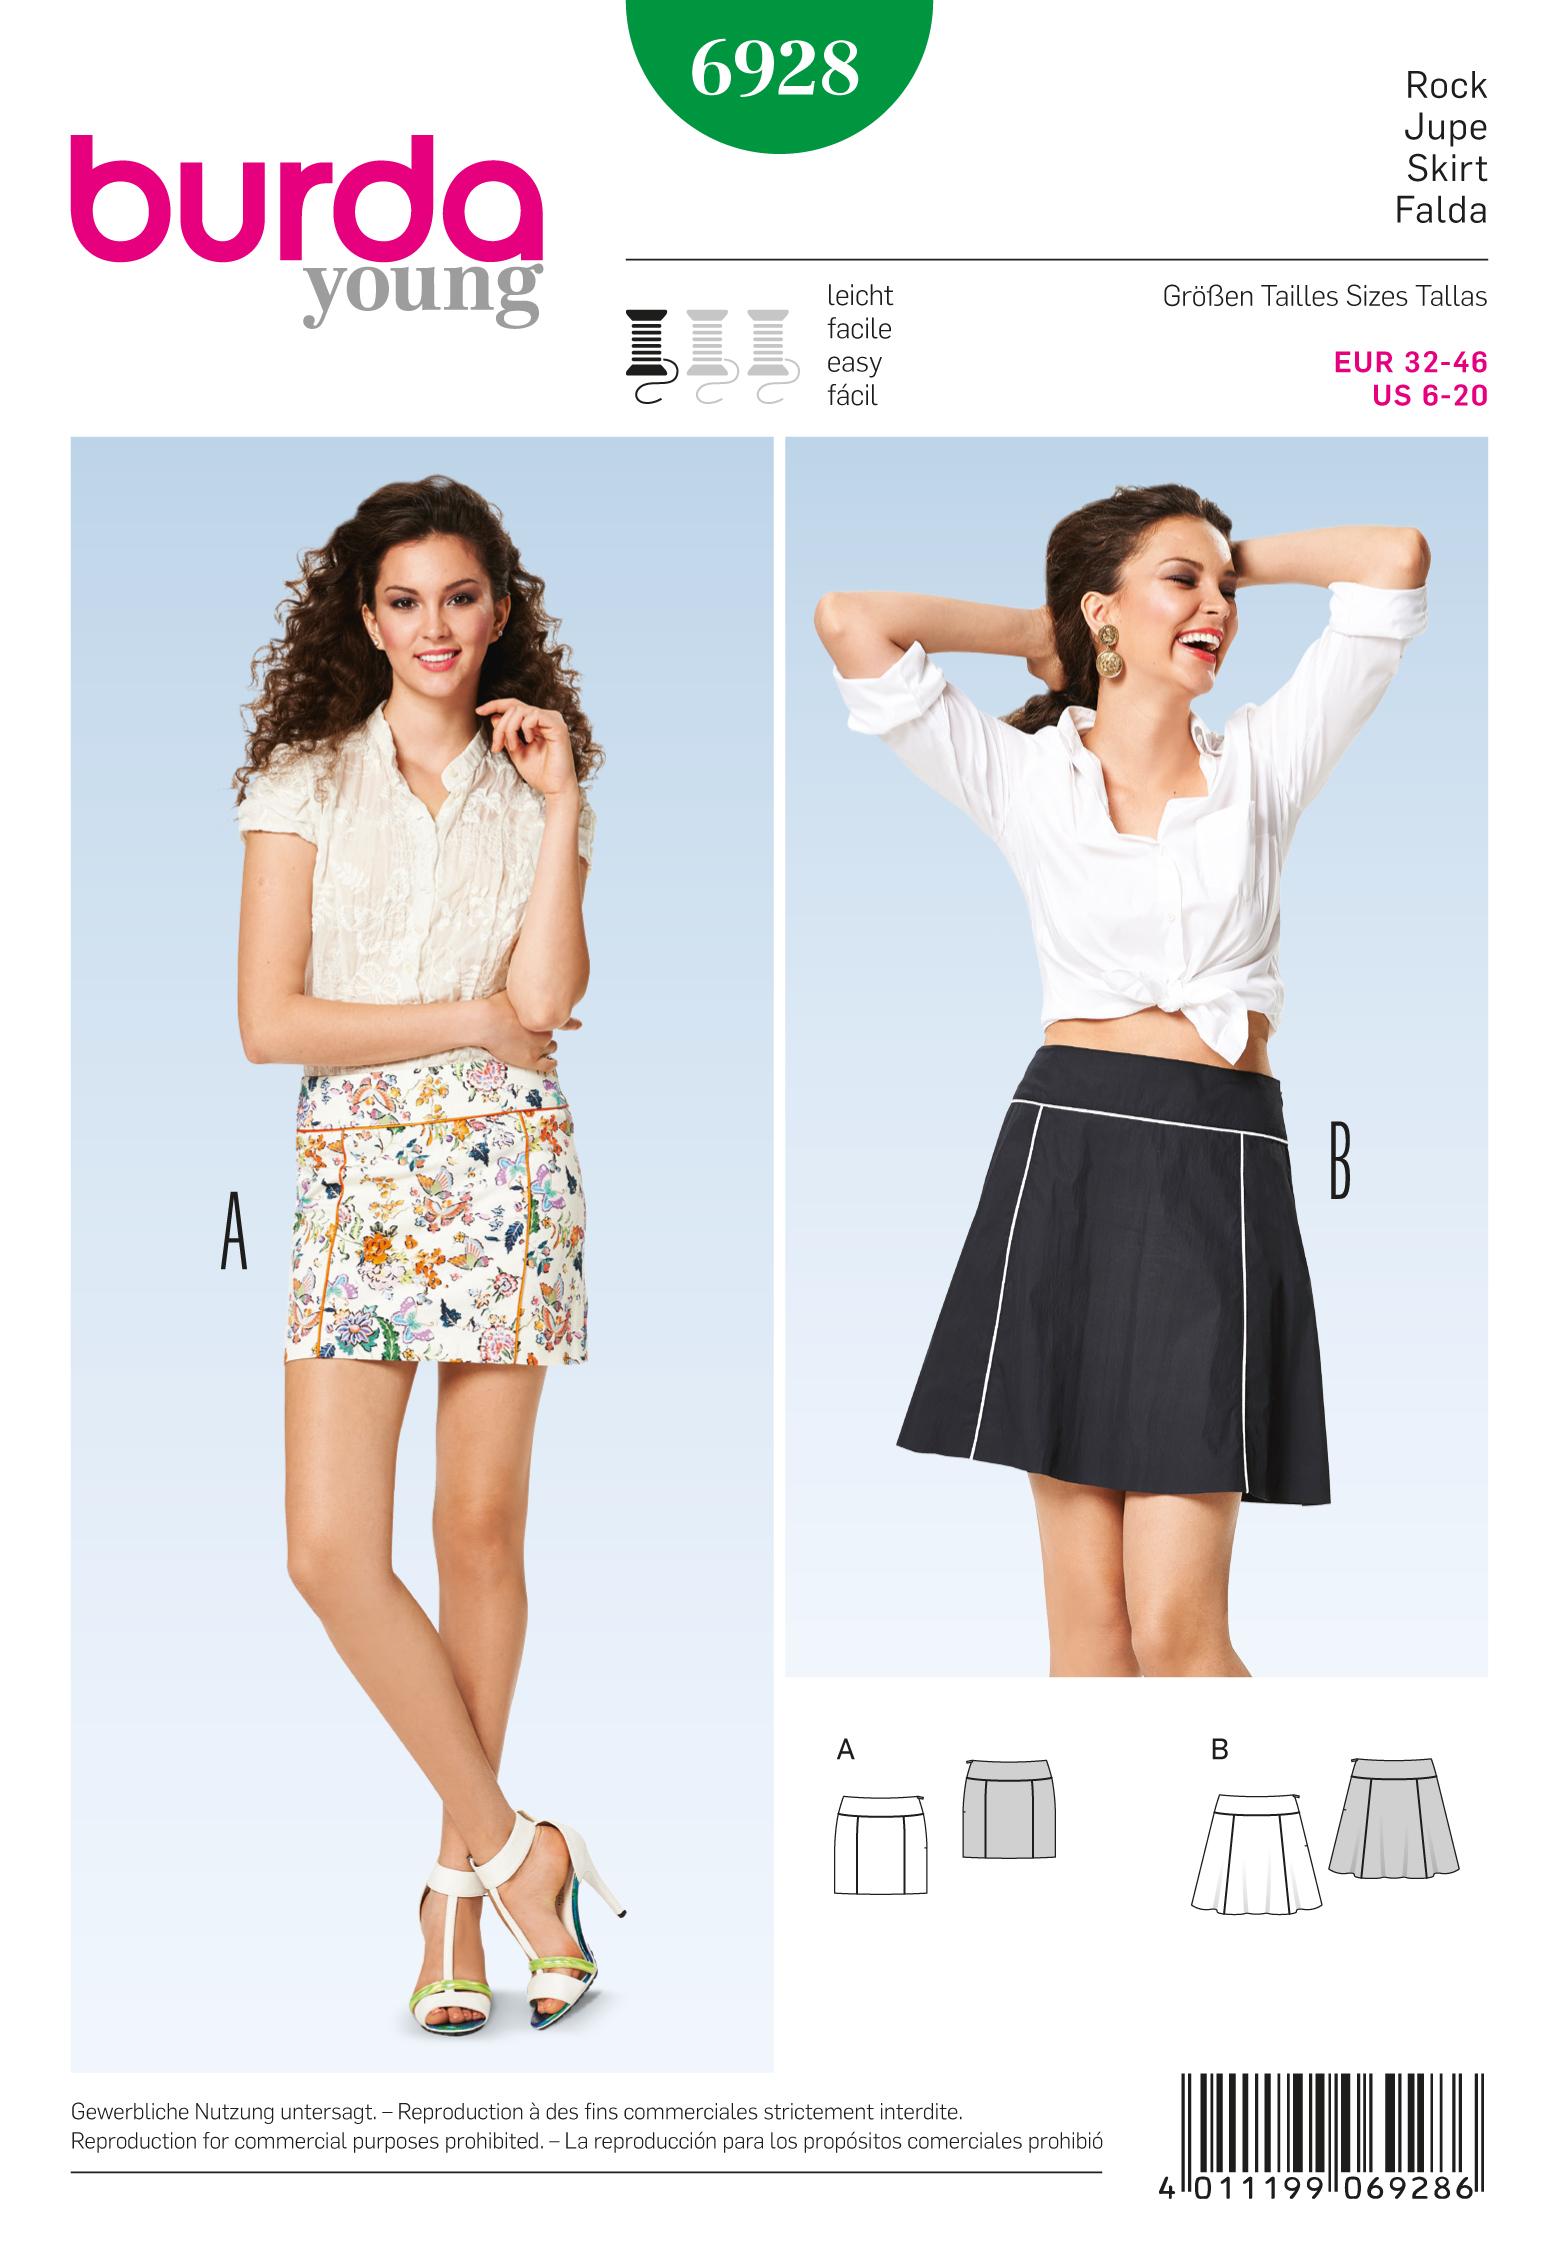 Burda Skirts 6928